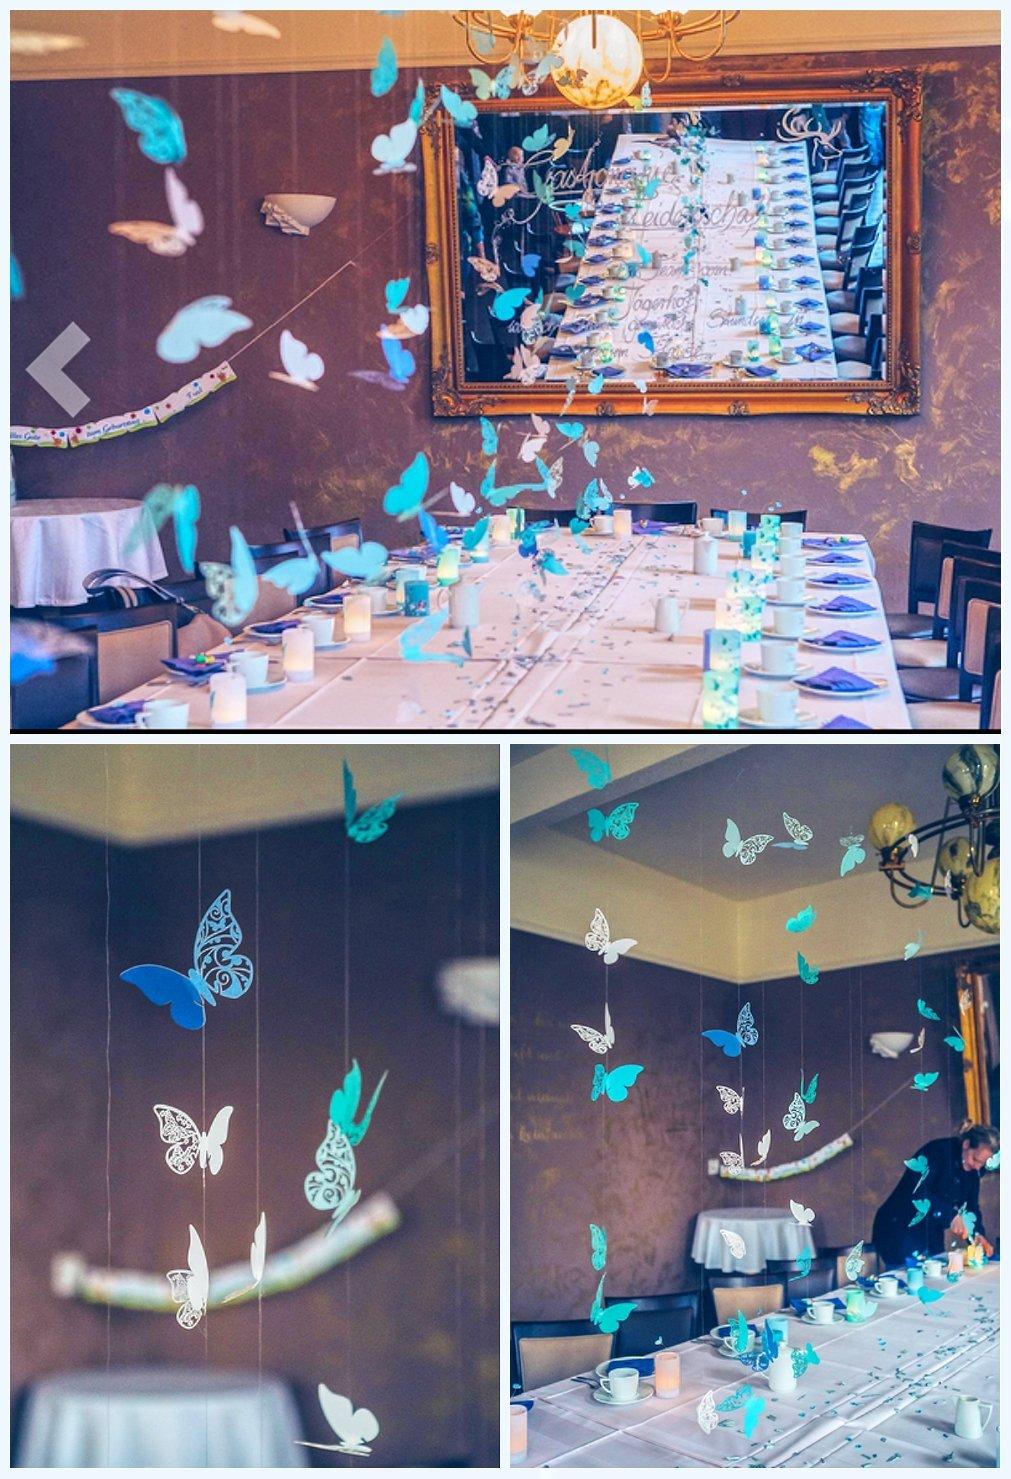 JZK® 50 x Tarjetas etiquetas tarjetas nombre boda invitaciones romántico tallado corazón tabla mesa nombre lugar para boda bautismo cumpleaños comunión graduación partido (perlado blanco)